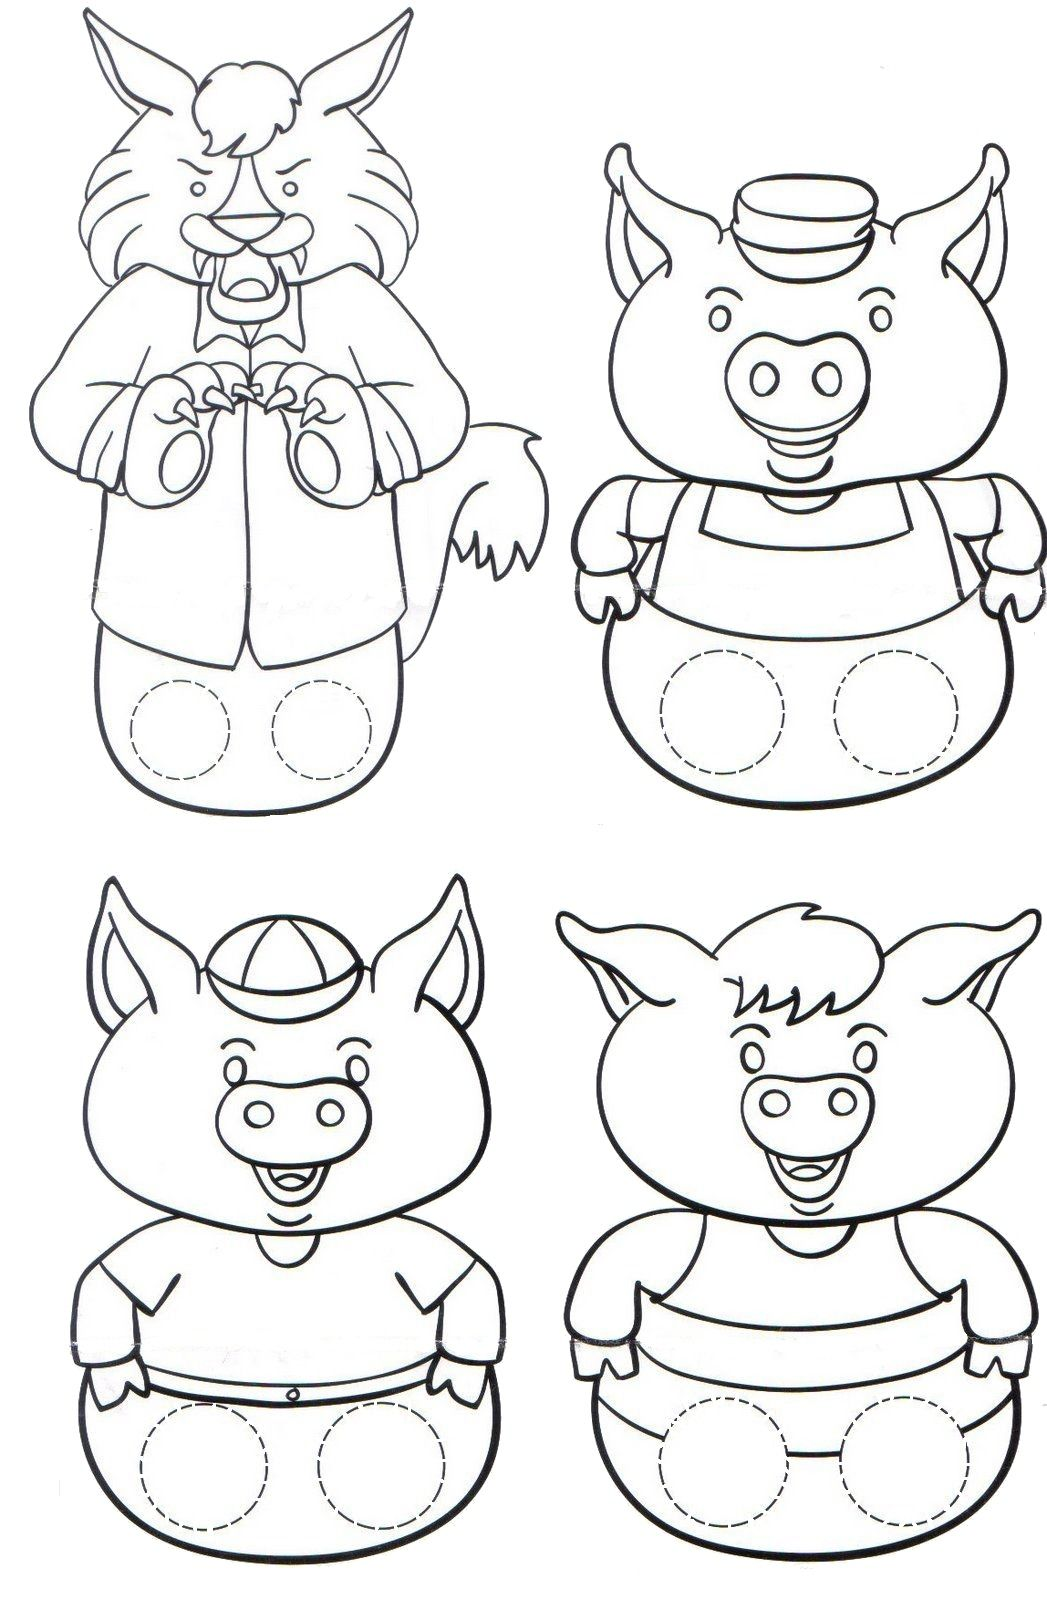 Dibujos para colorear de los tres cerditos y el lobo  Dibujos